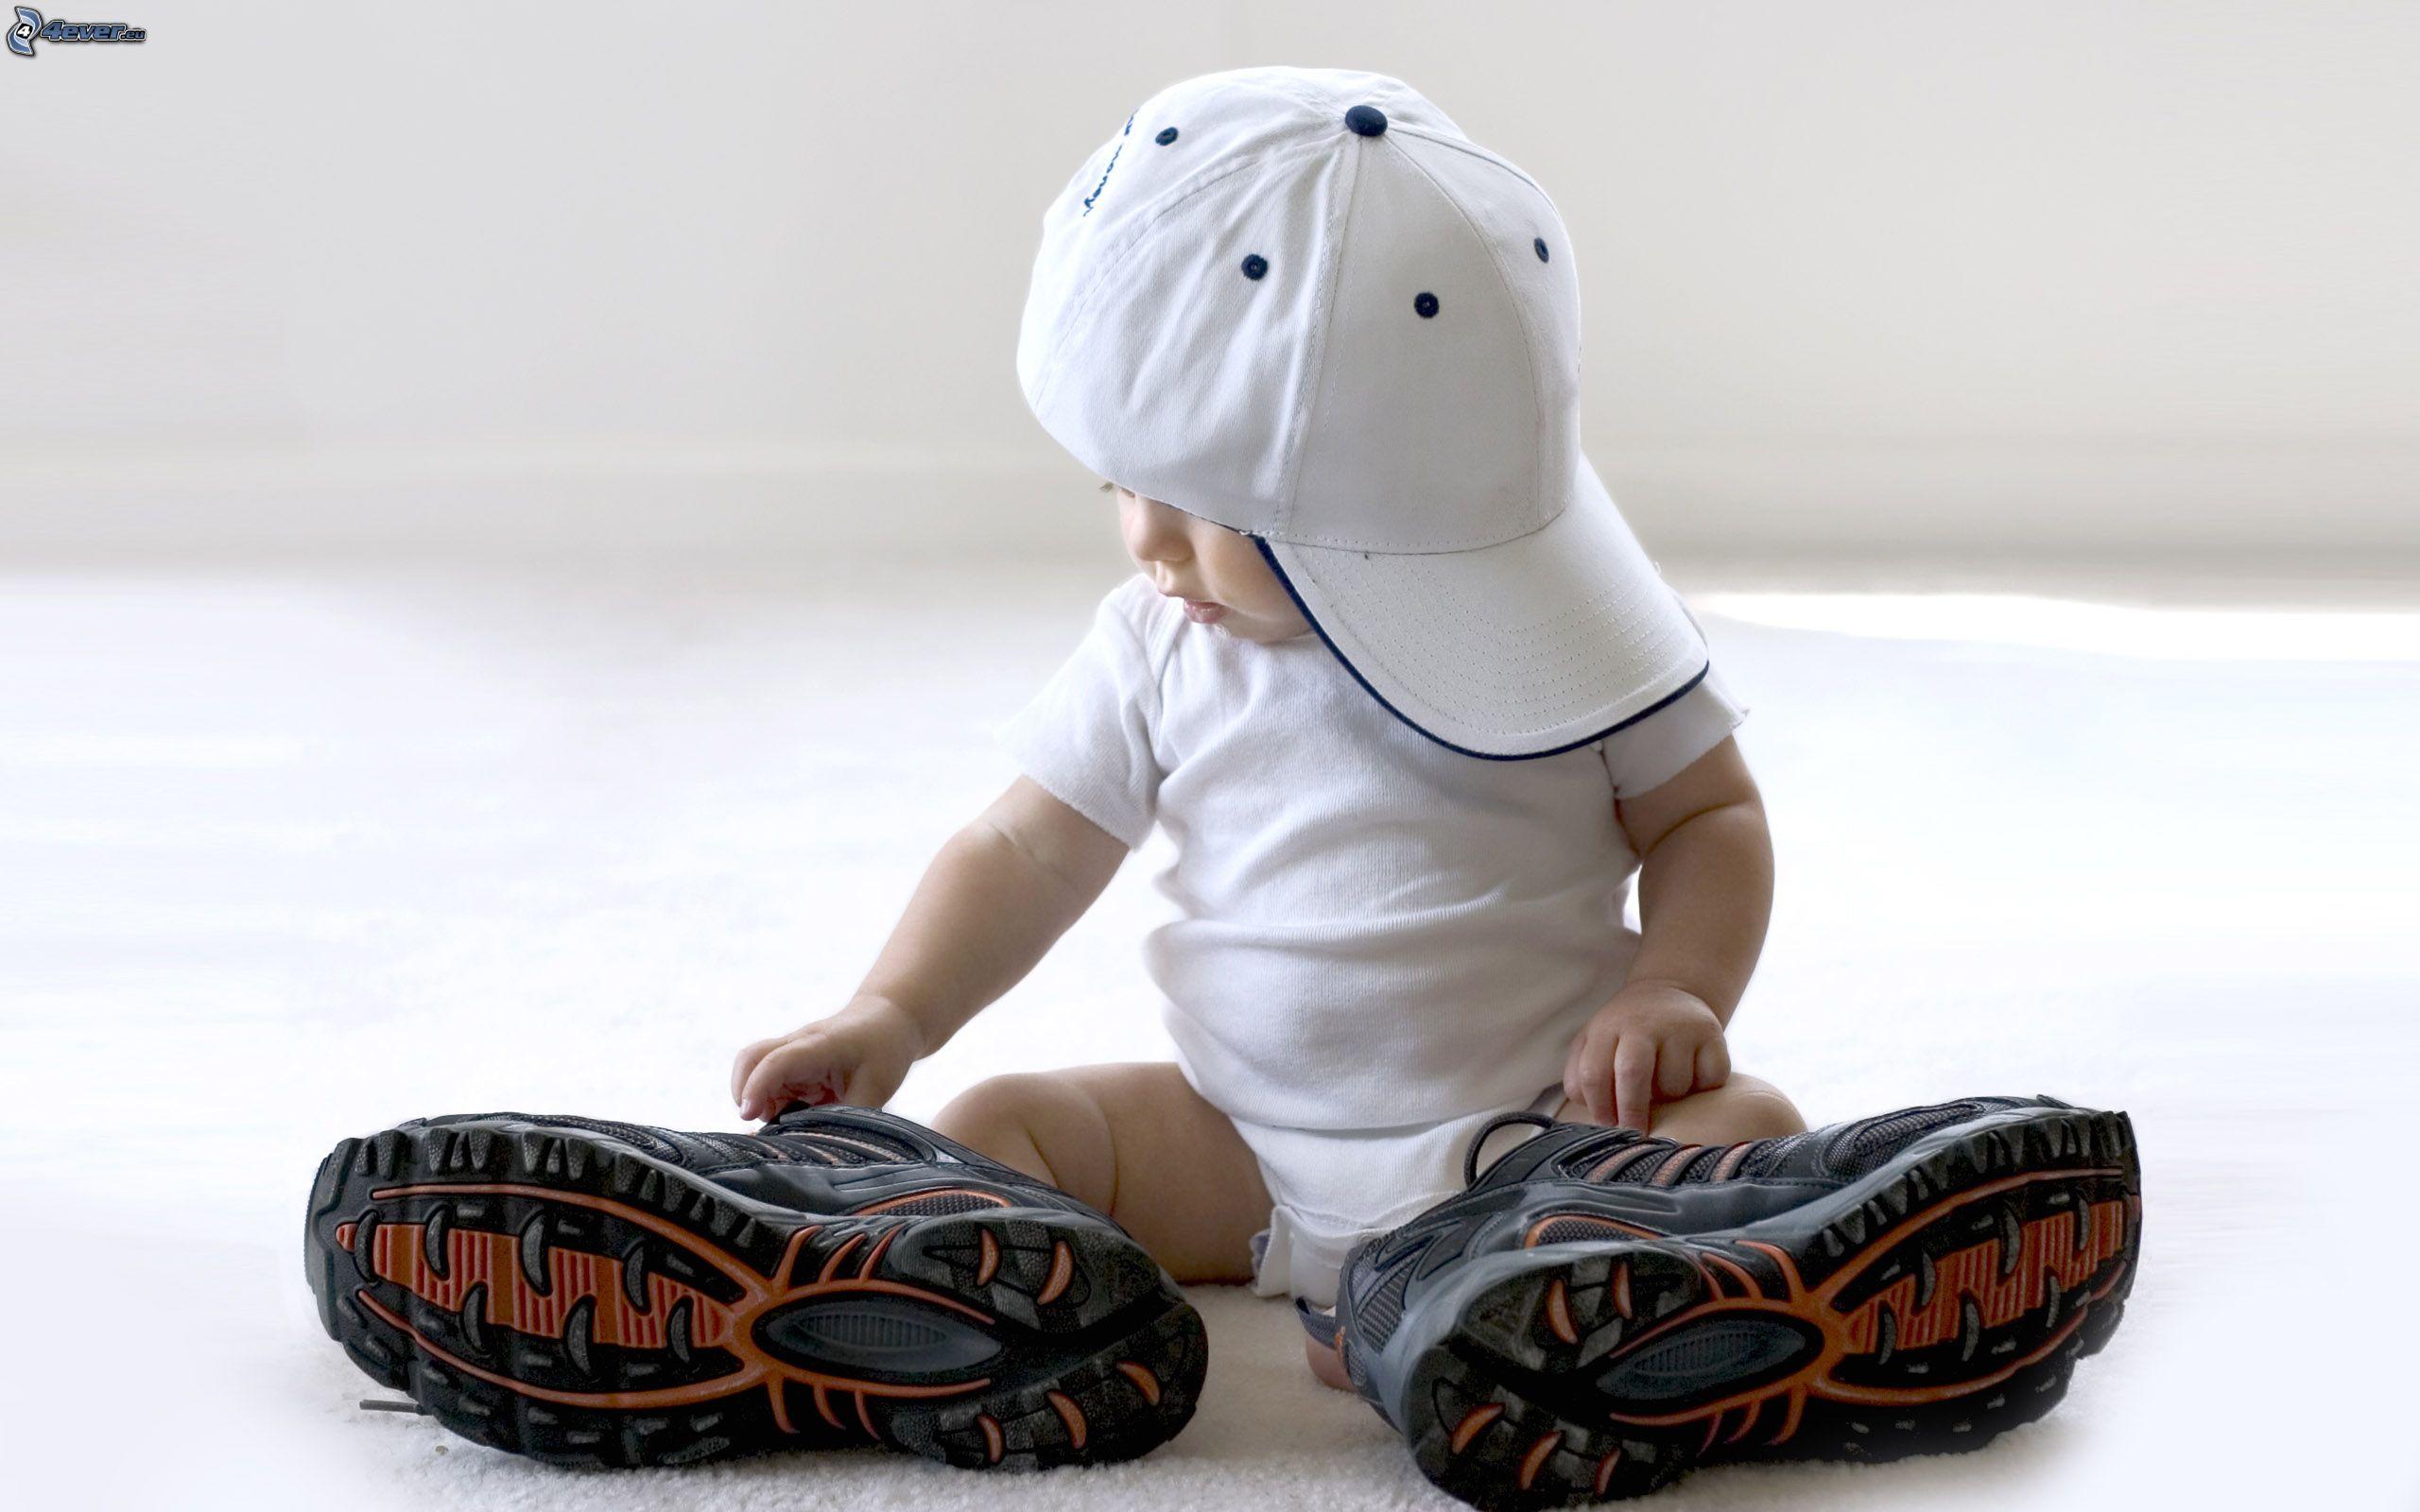 [bilder.4ever.eu] baby mit grossen schuhen 156383